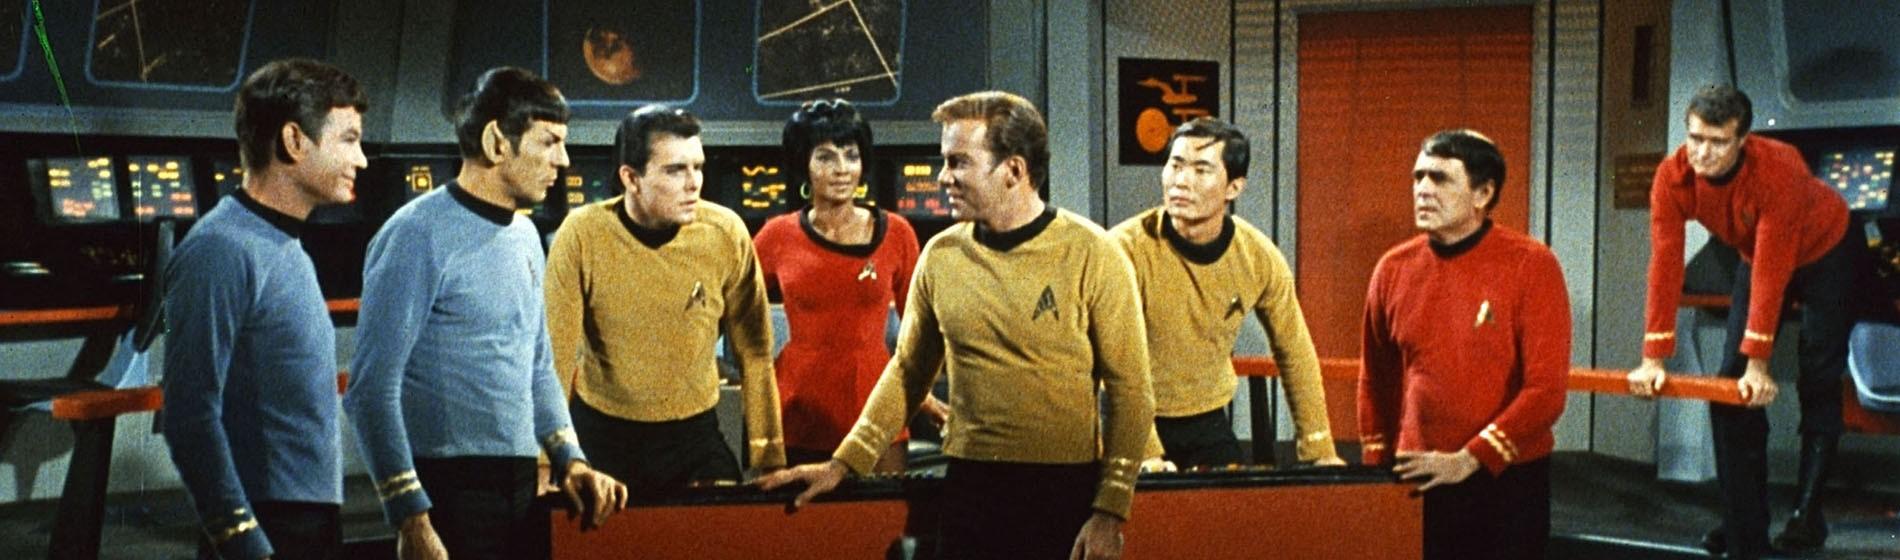 Le 5 cose che mi ha insegnato Star Trek